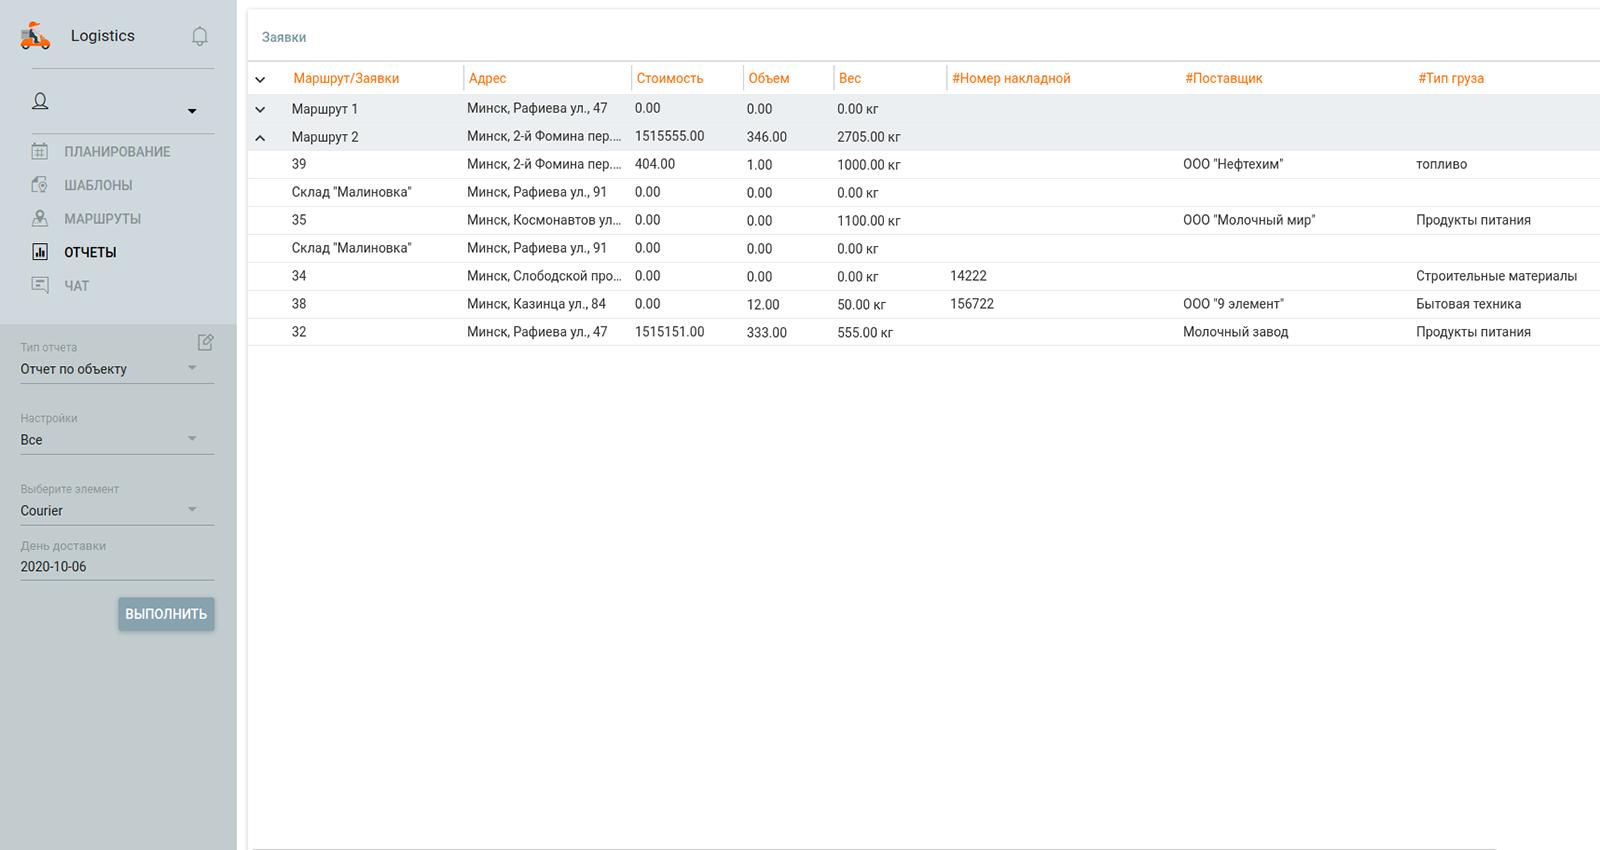 Произвольные поля в таблице заявок в Logistics